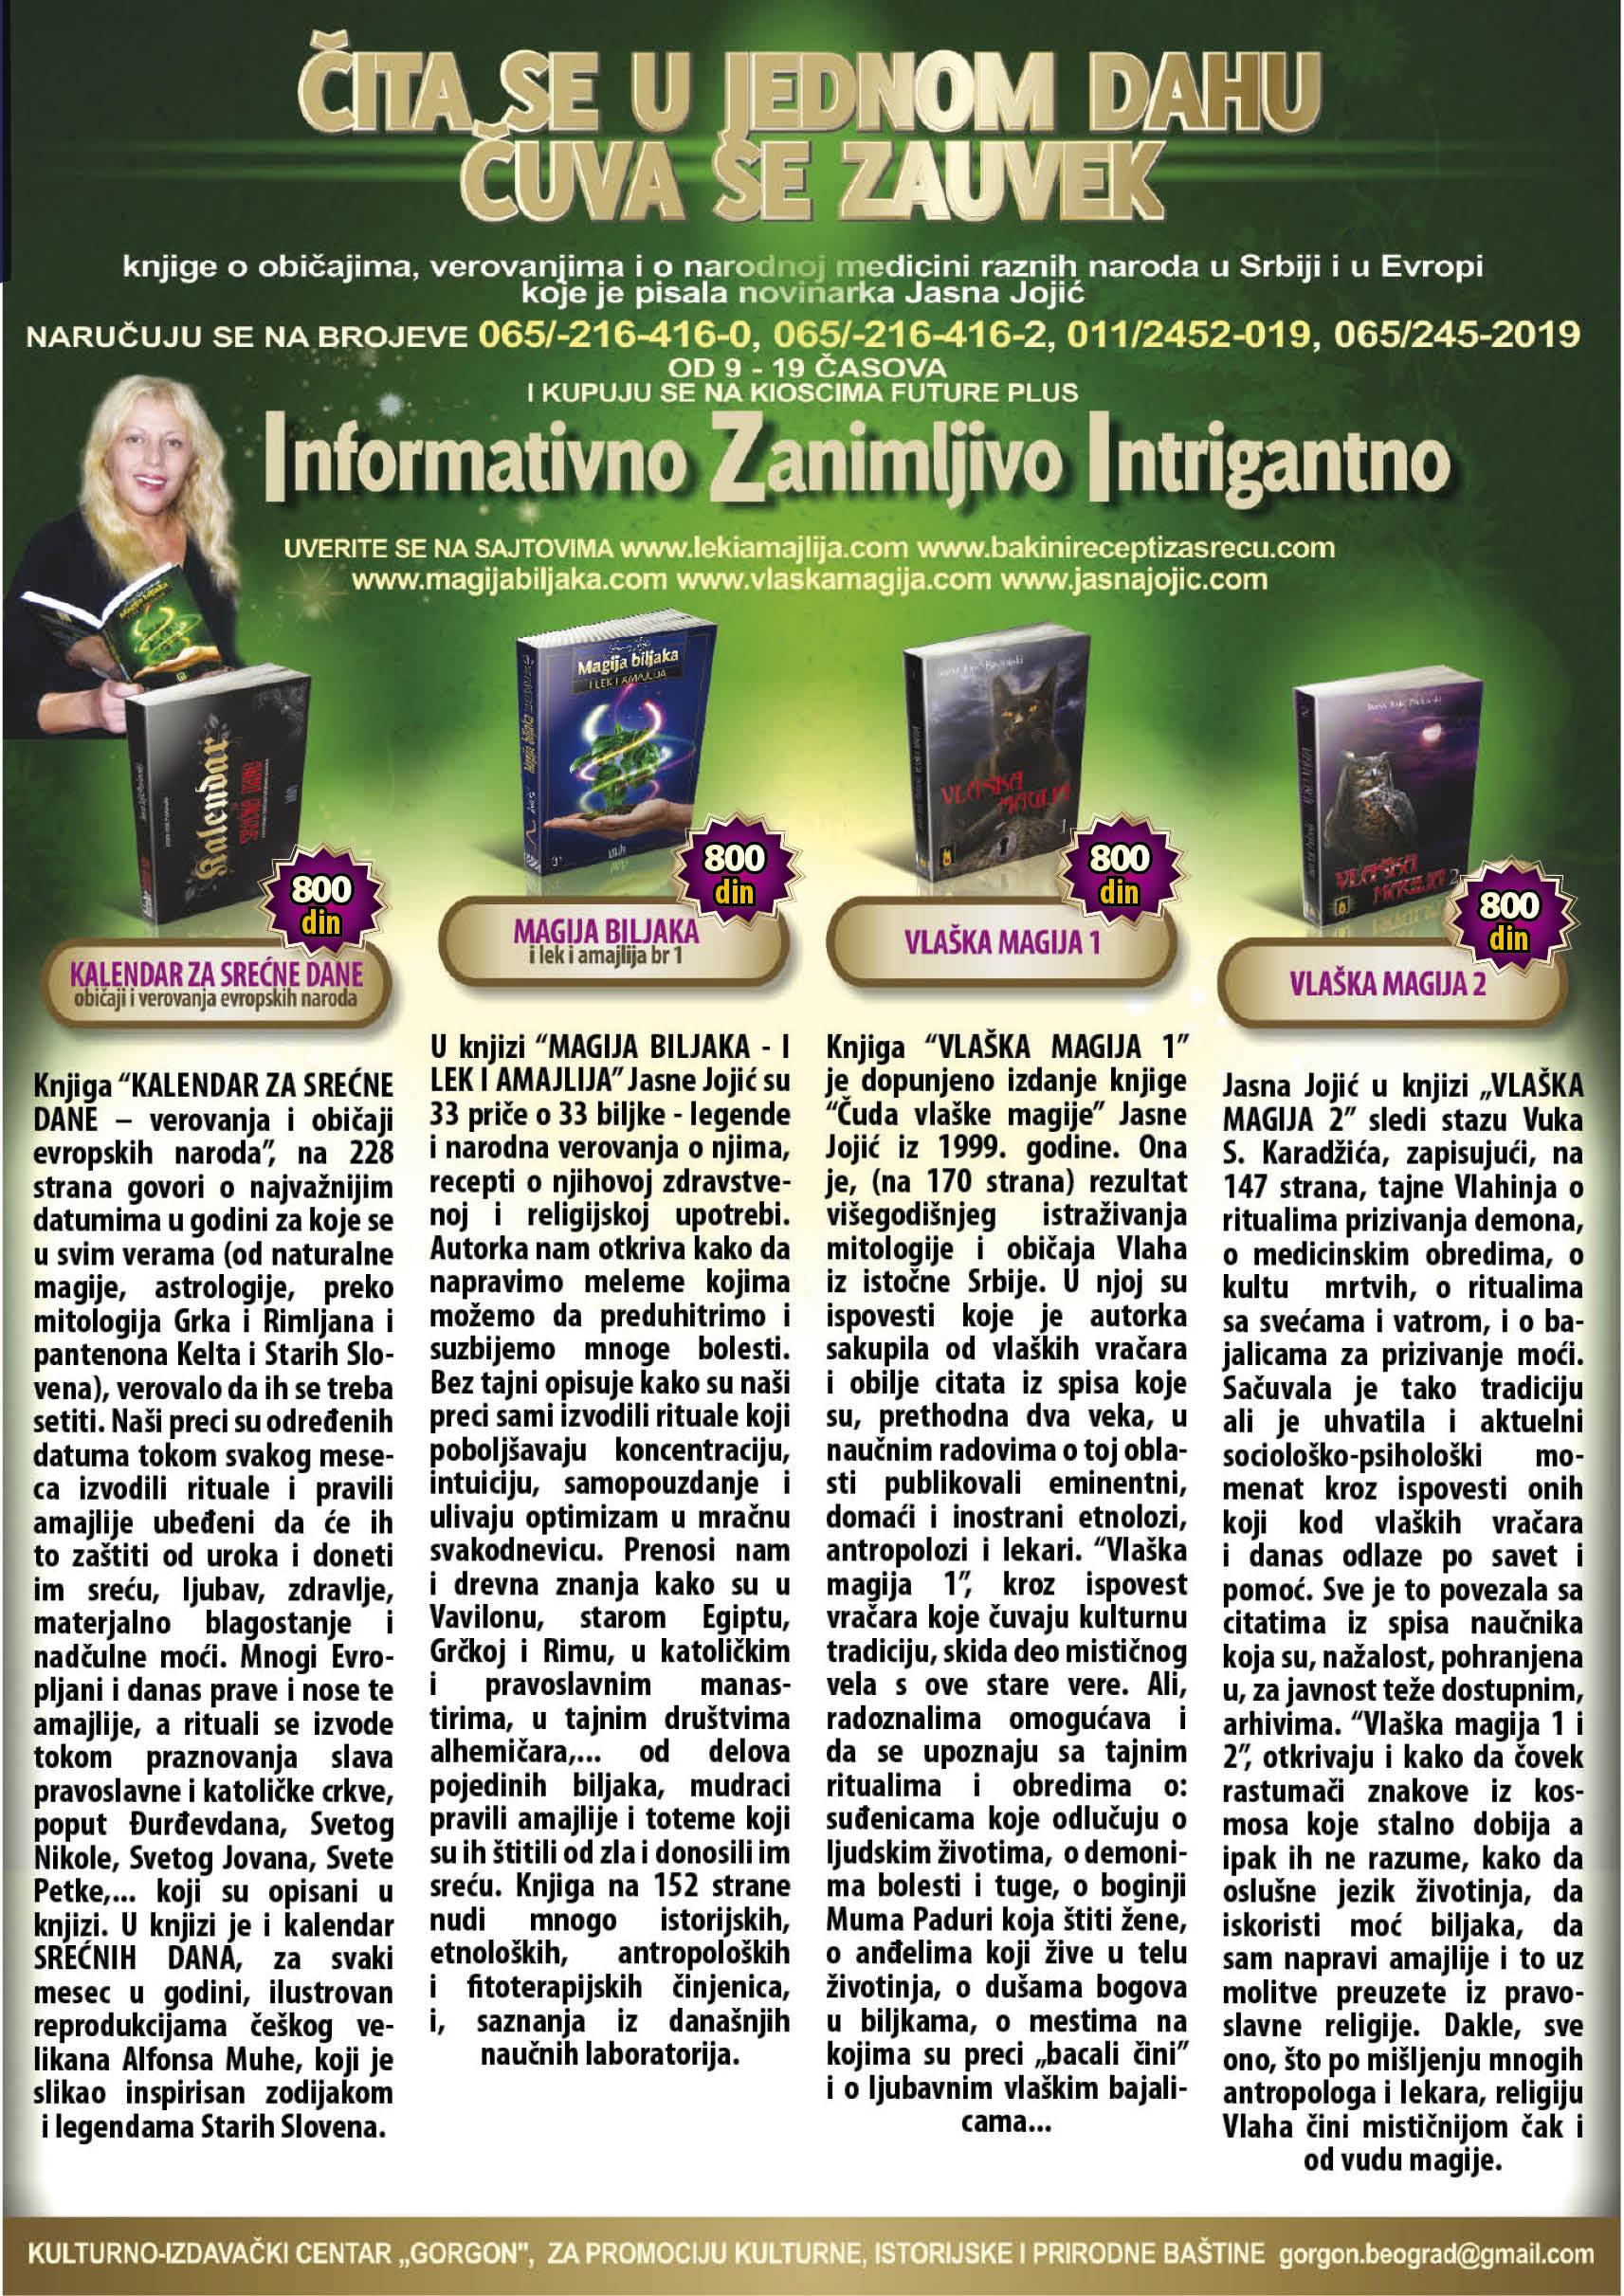 knjige Jasne Jojič naručite na telefon 065 216 416 0